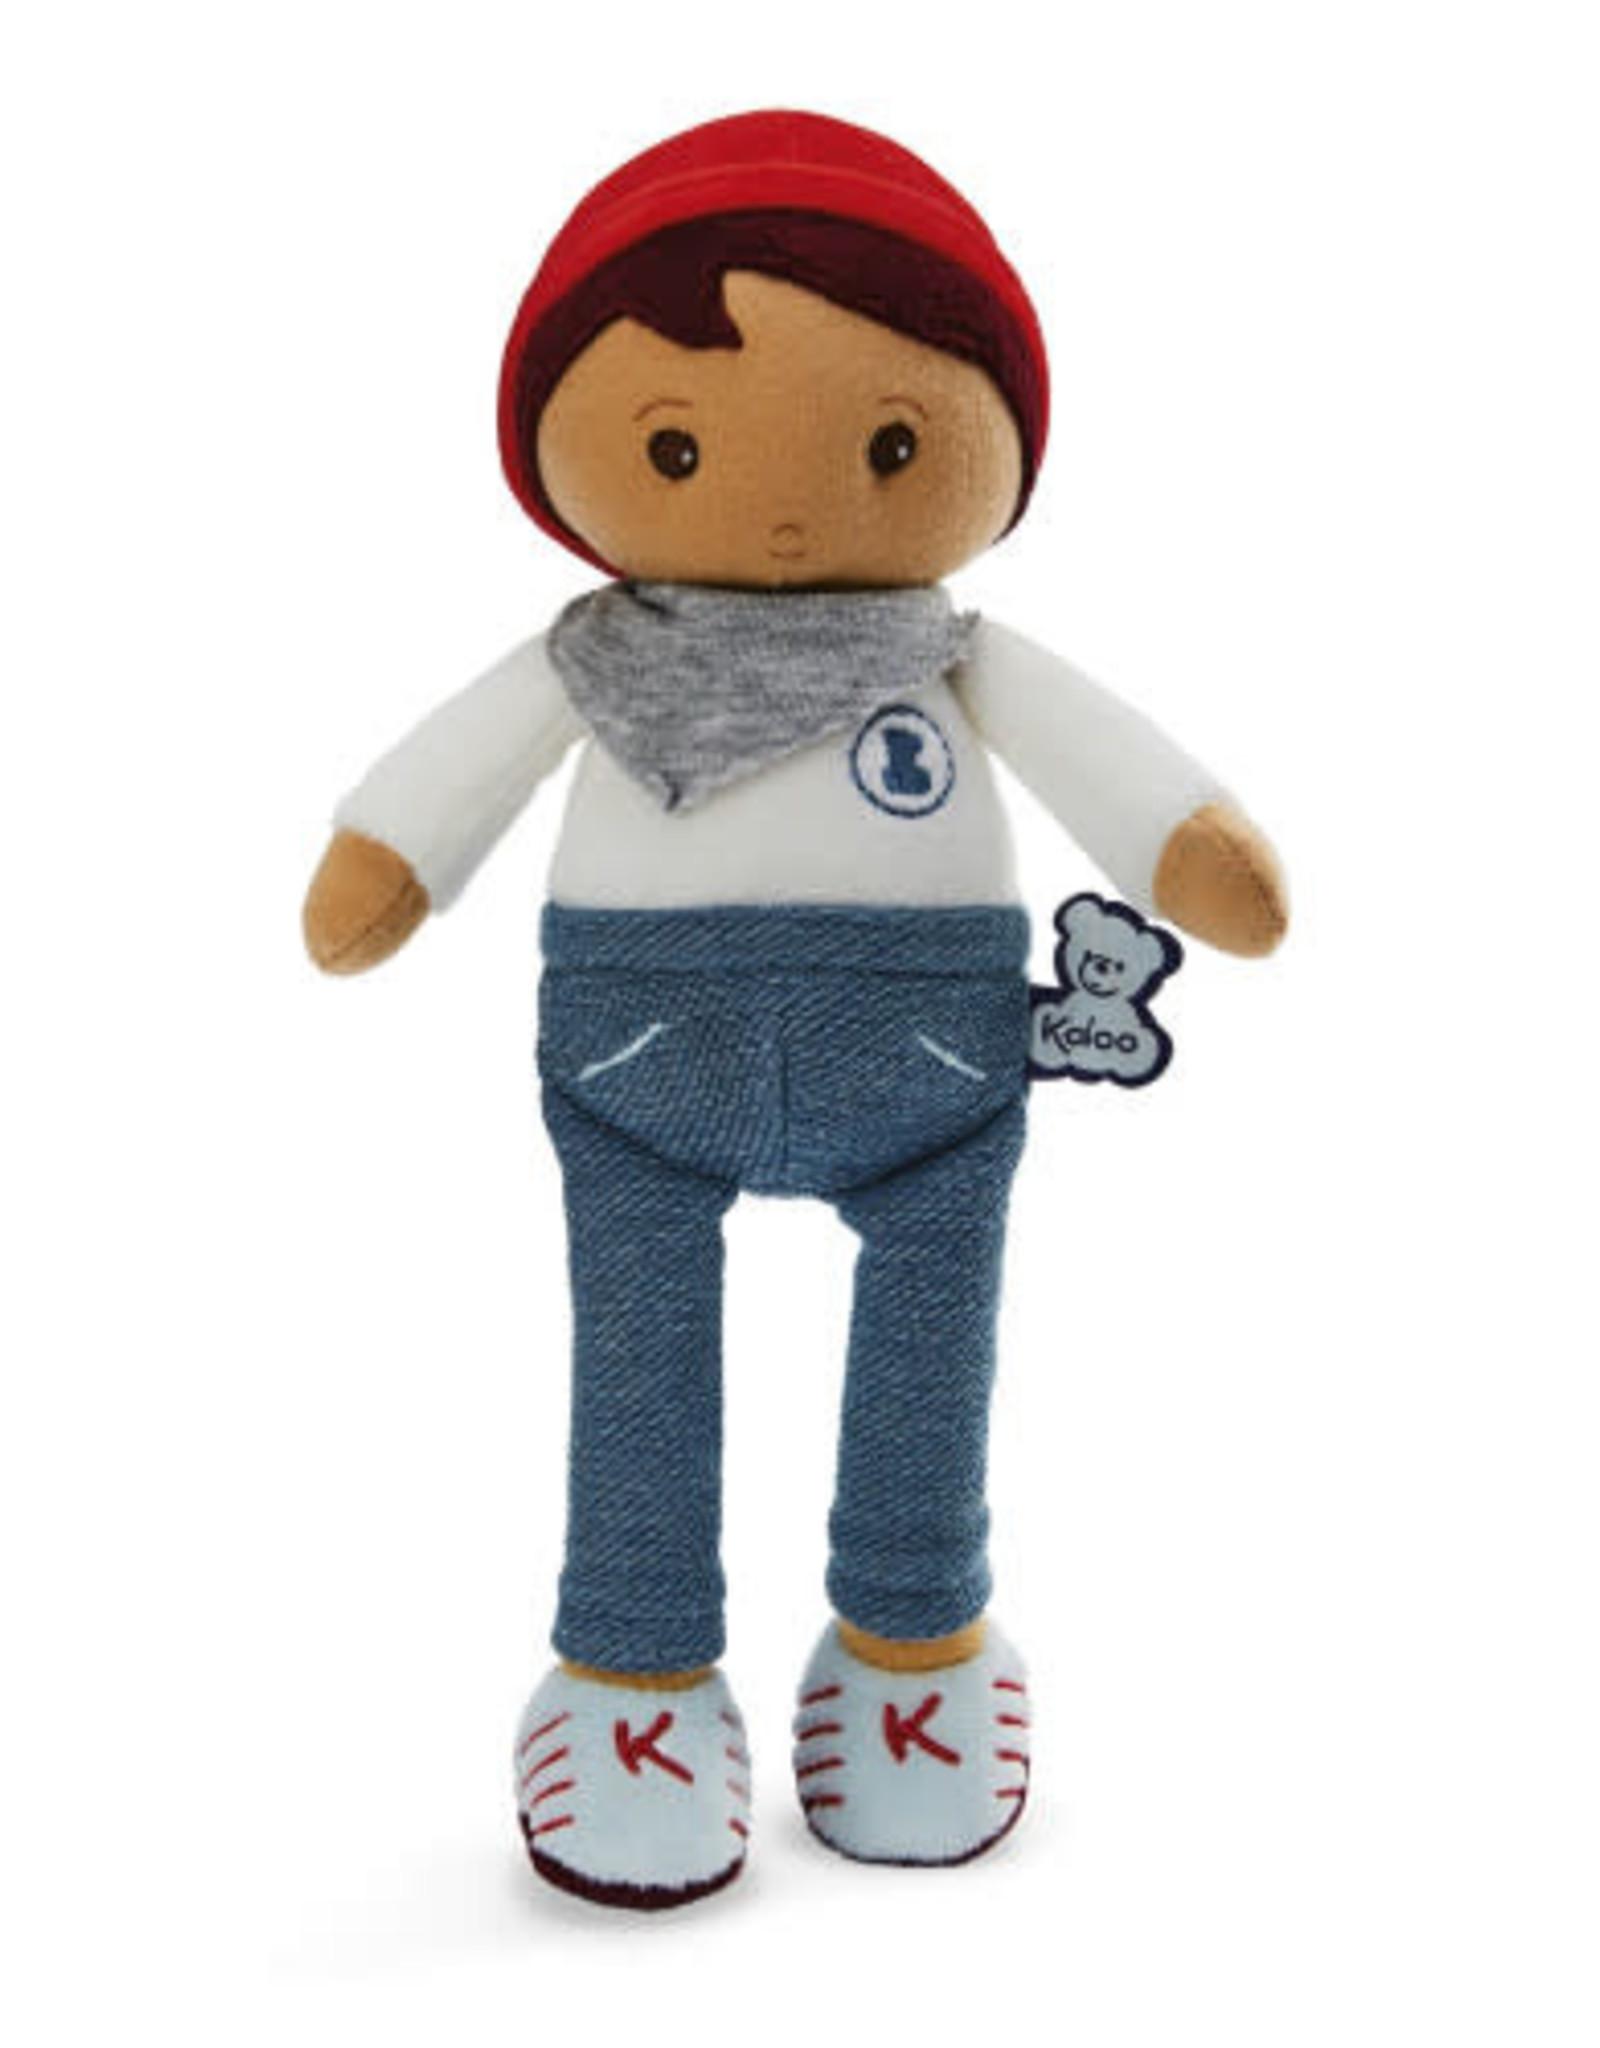 Kaloo Kaloo Eliott K Doll - Medium